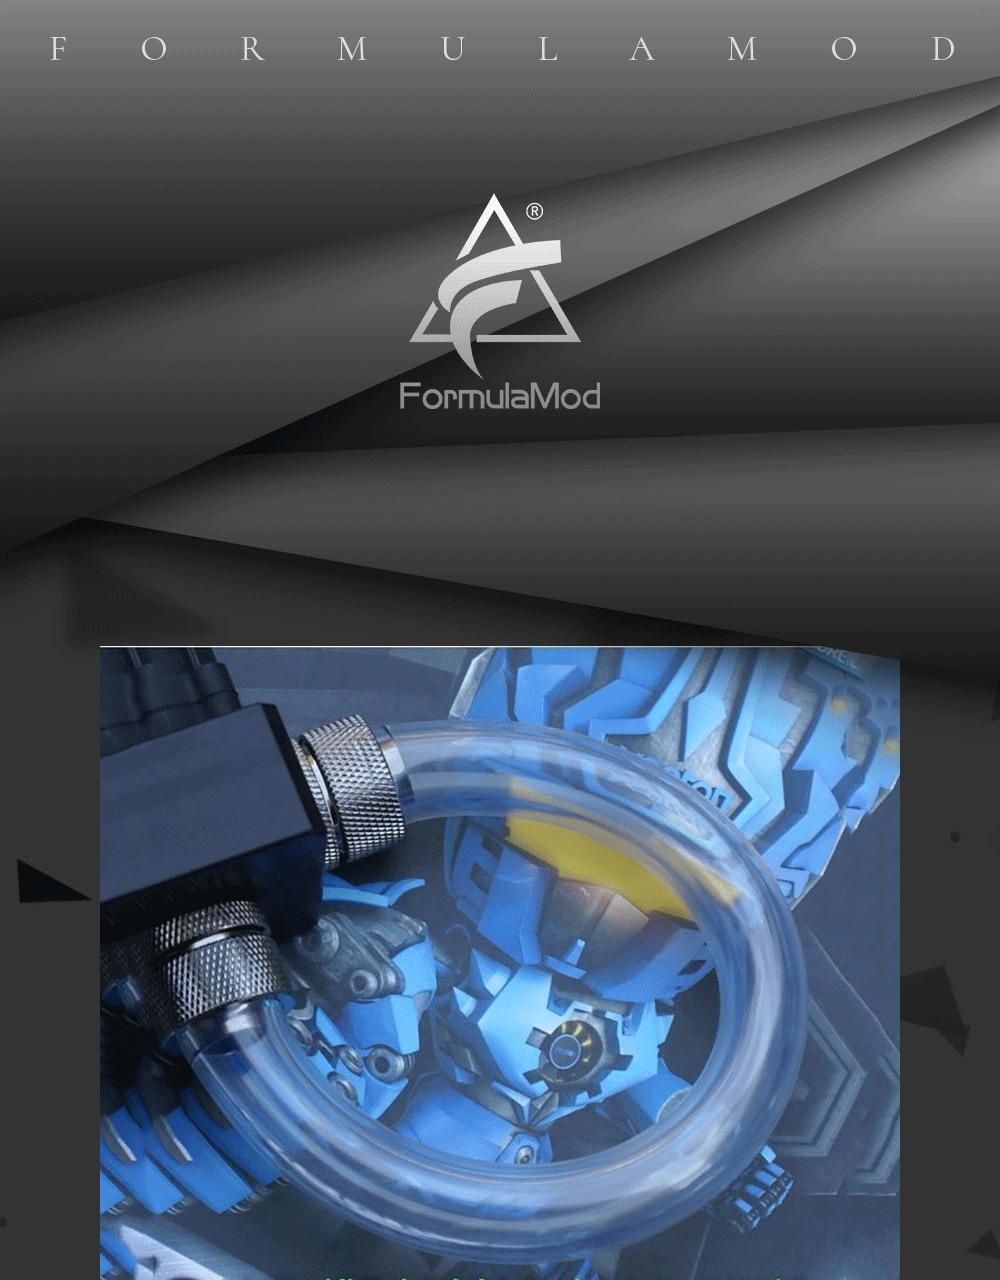 """FormulaMod Fm-4FHG, 1/"""" ID* 6/8"""" OD 13x19 мм мягкие трубки, для строительства трубопровода системы водяного охлаждения, 1 метр/шт"""